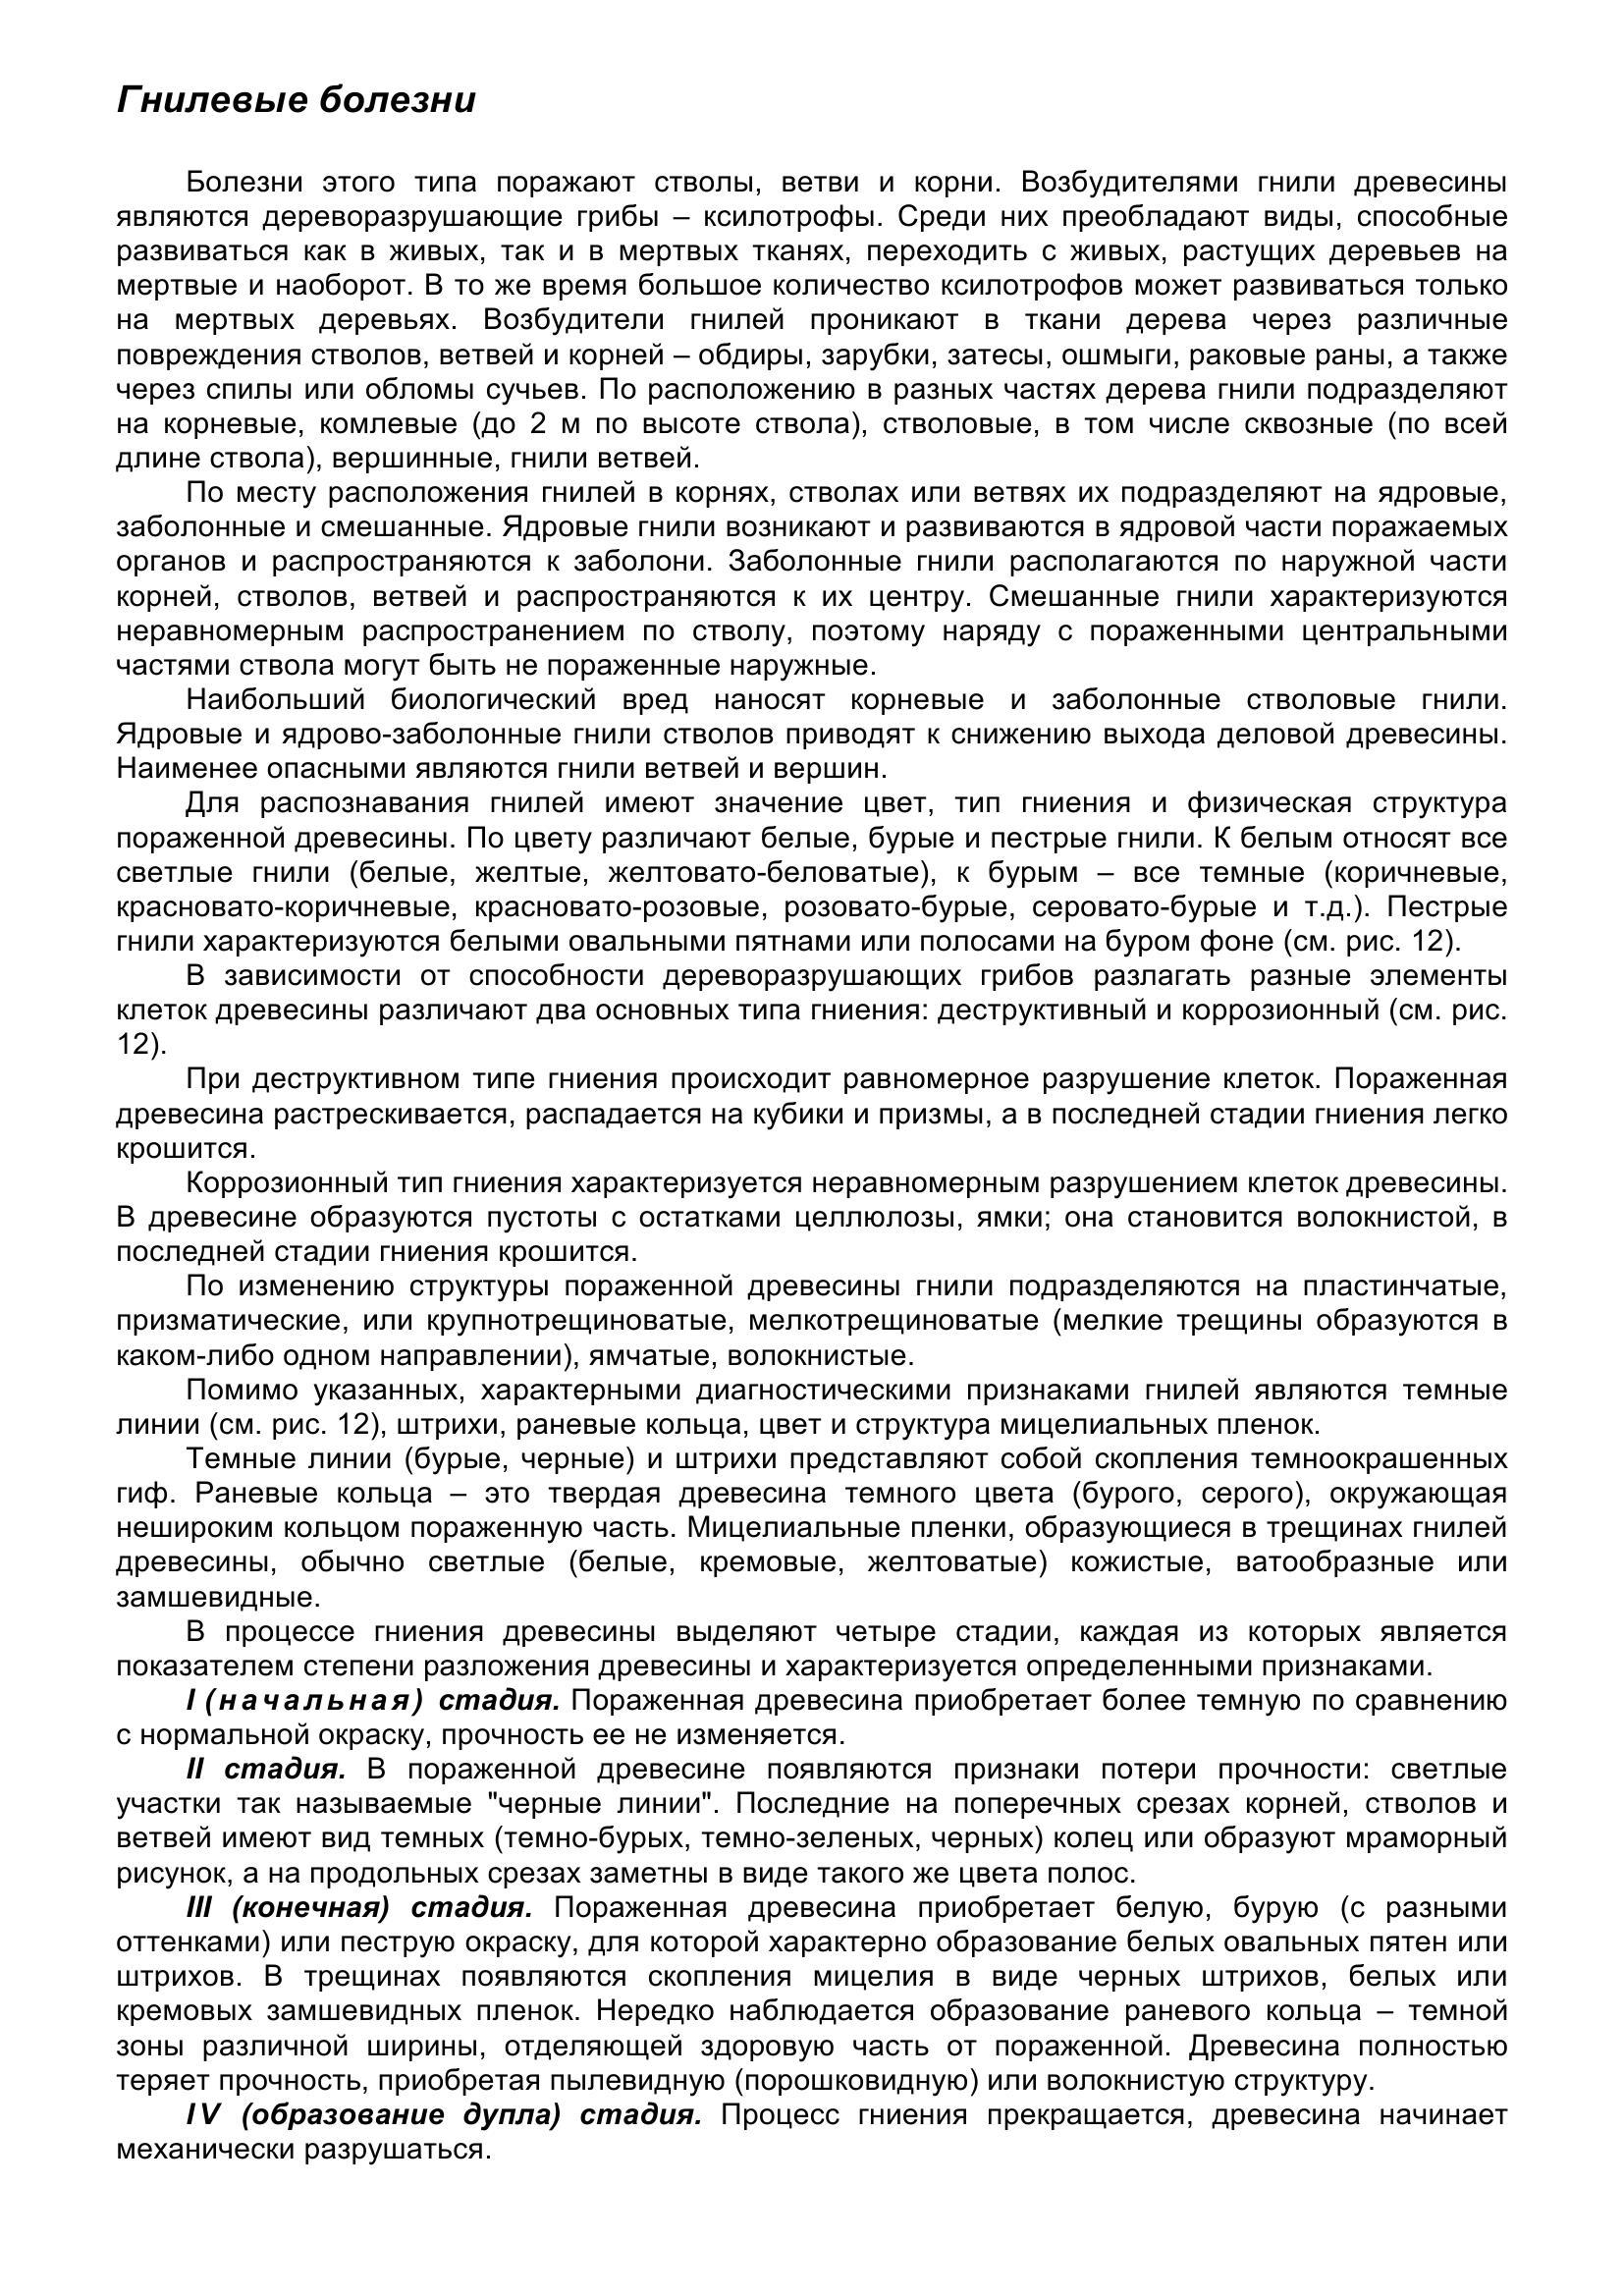 Болезни_древесных_растений_086.jpg